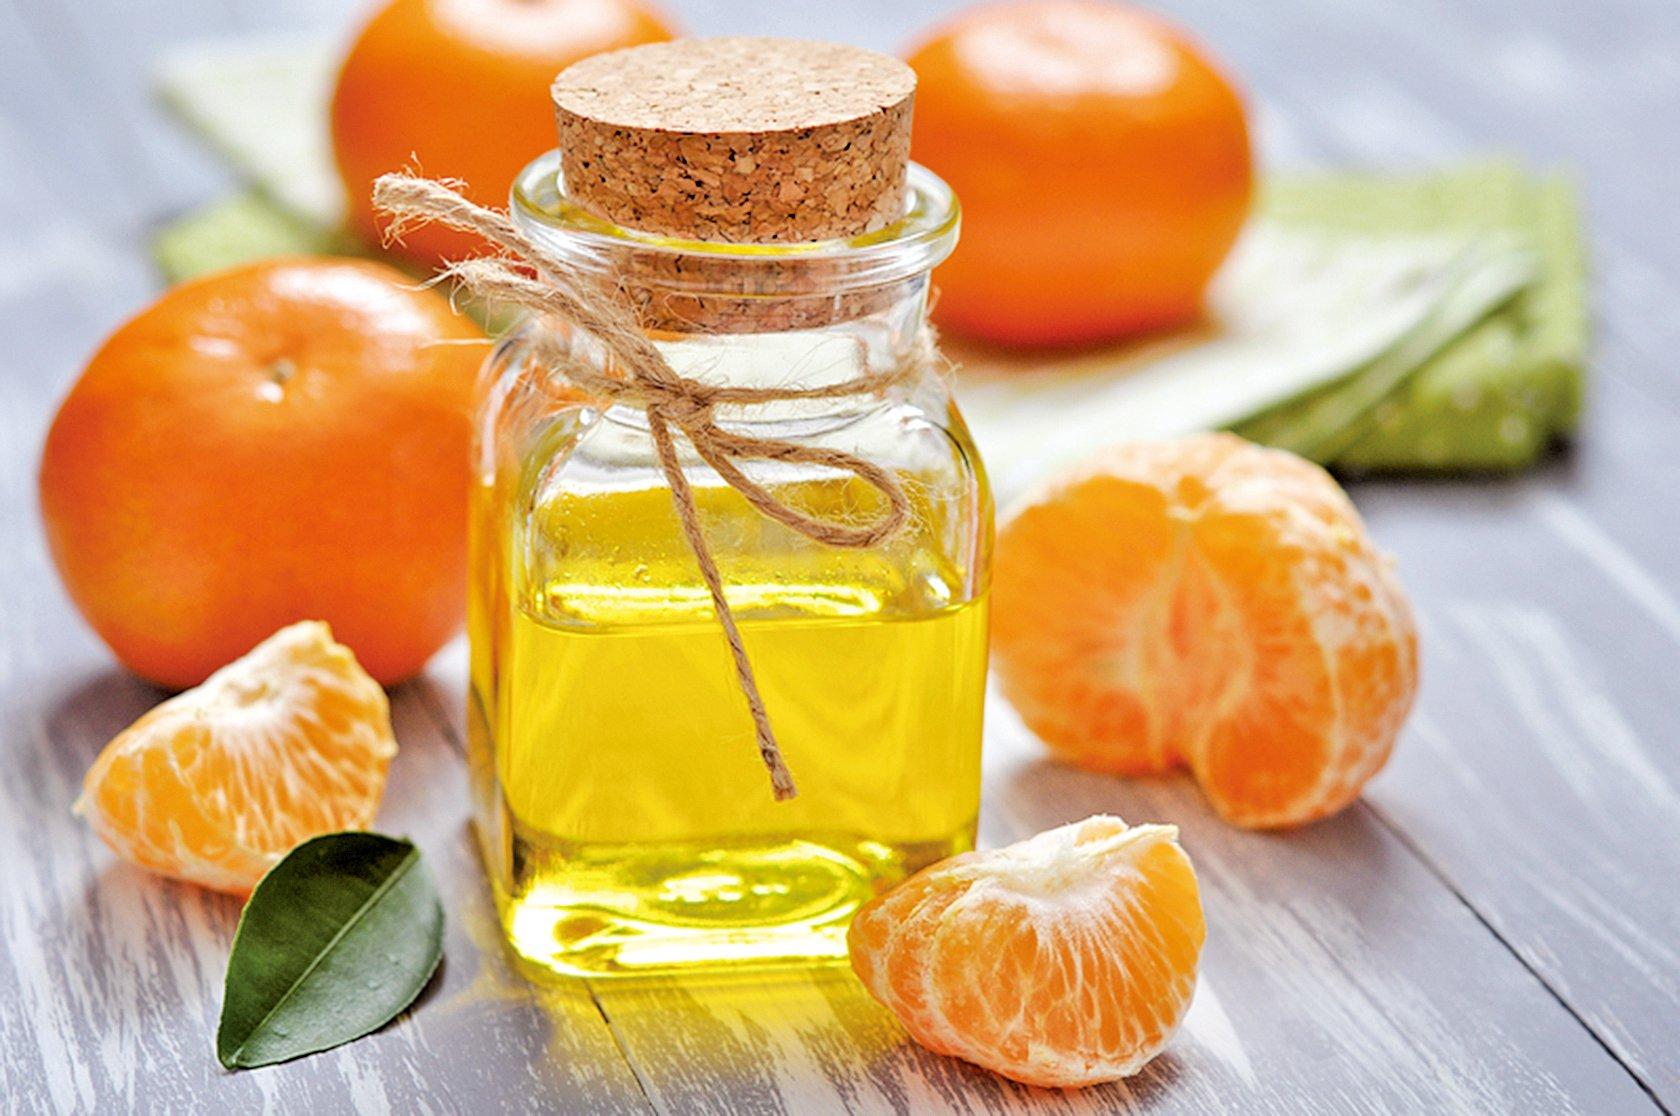 吃橘、懷橘、詠橘、論橘的文化在華夏大地有著久遠的歷史,留下的故事也很精彩(Fotolia)